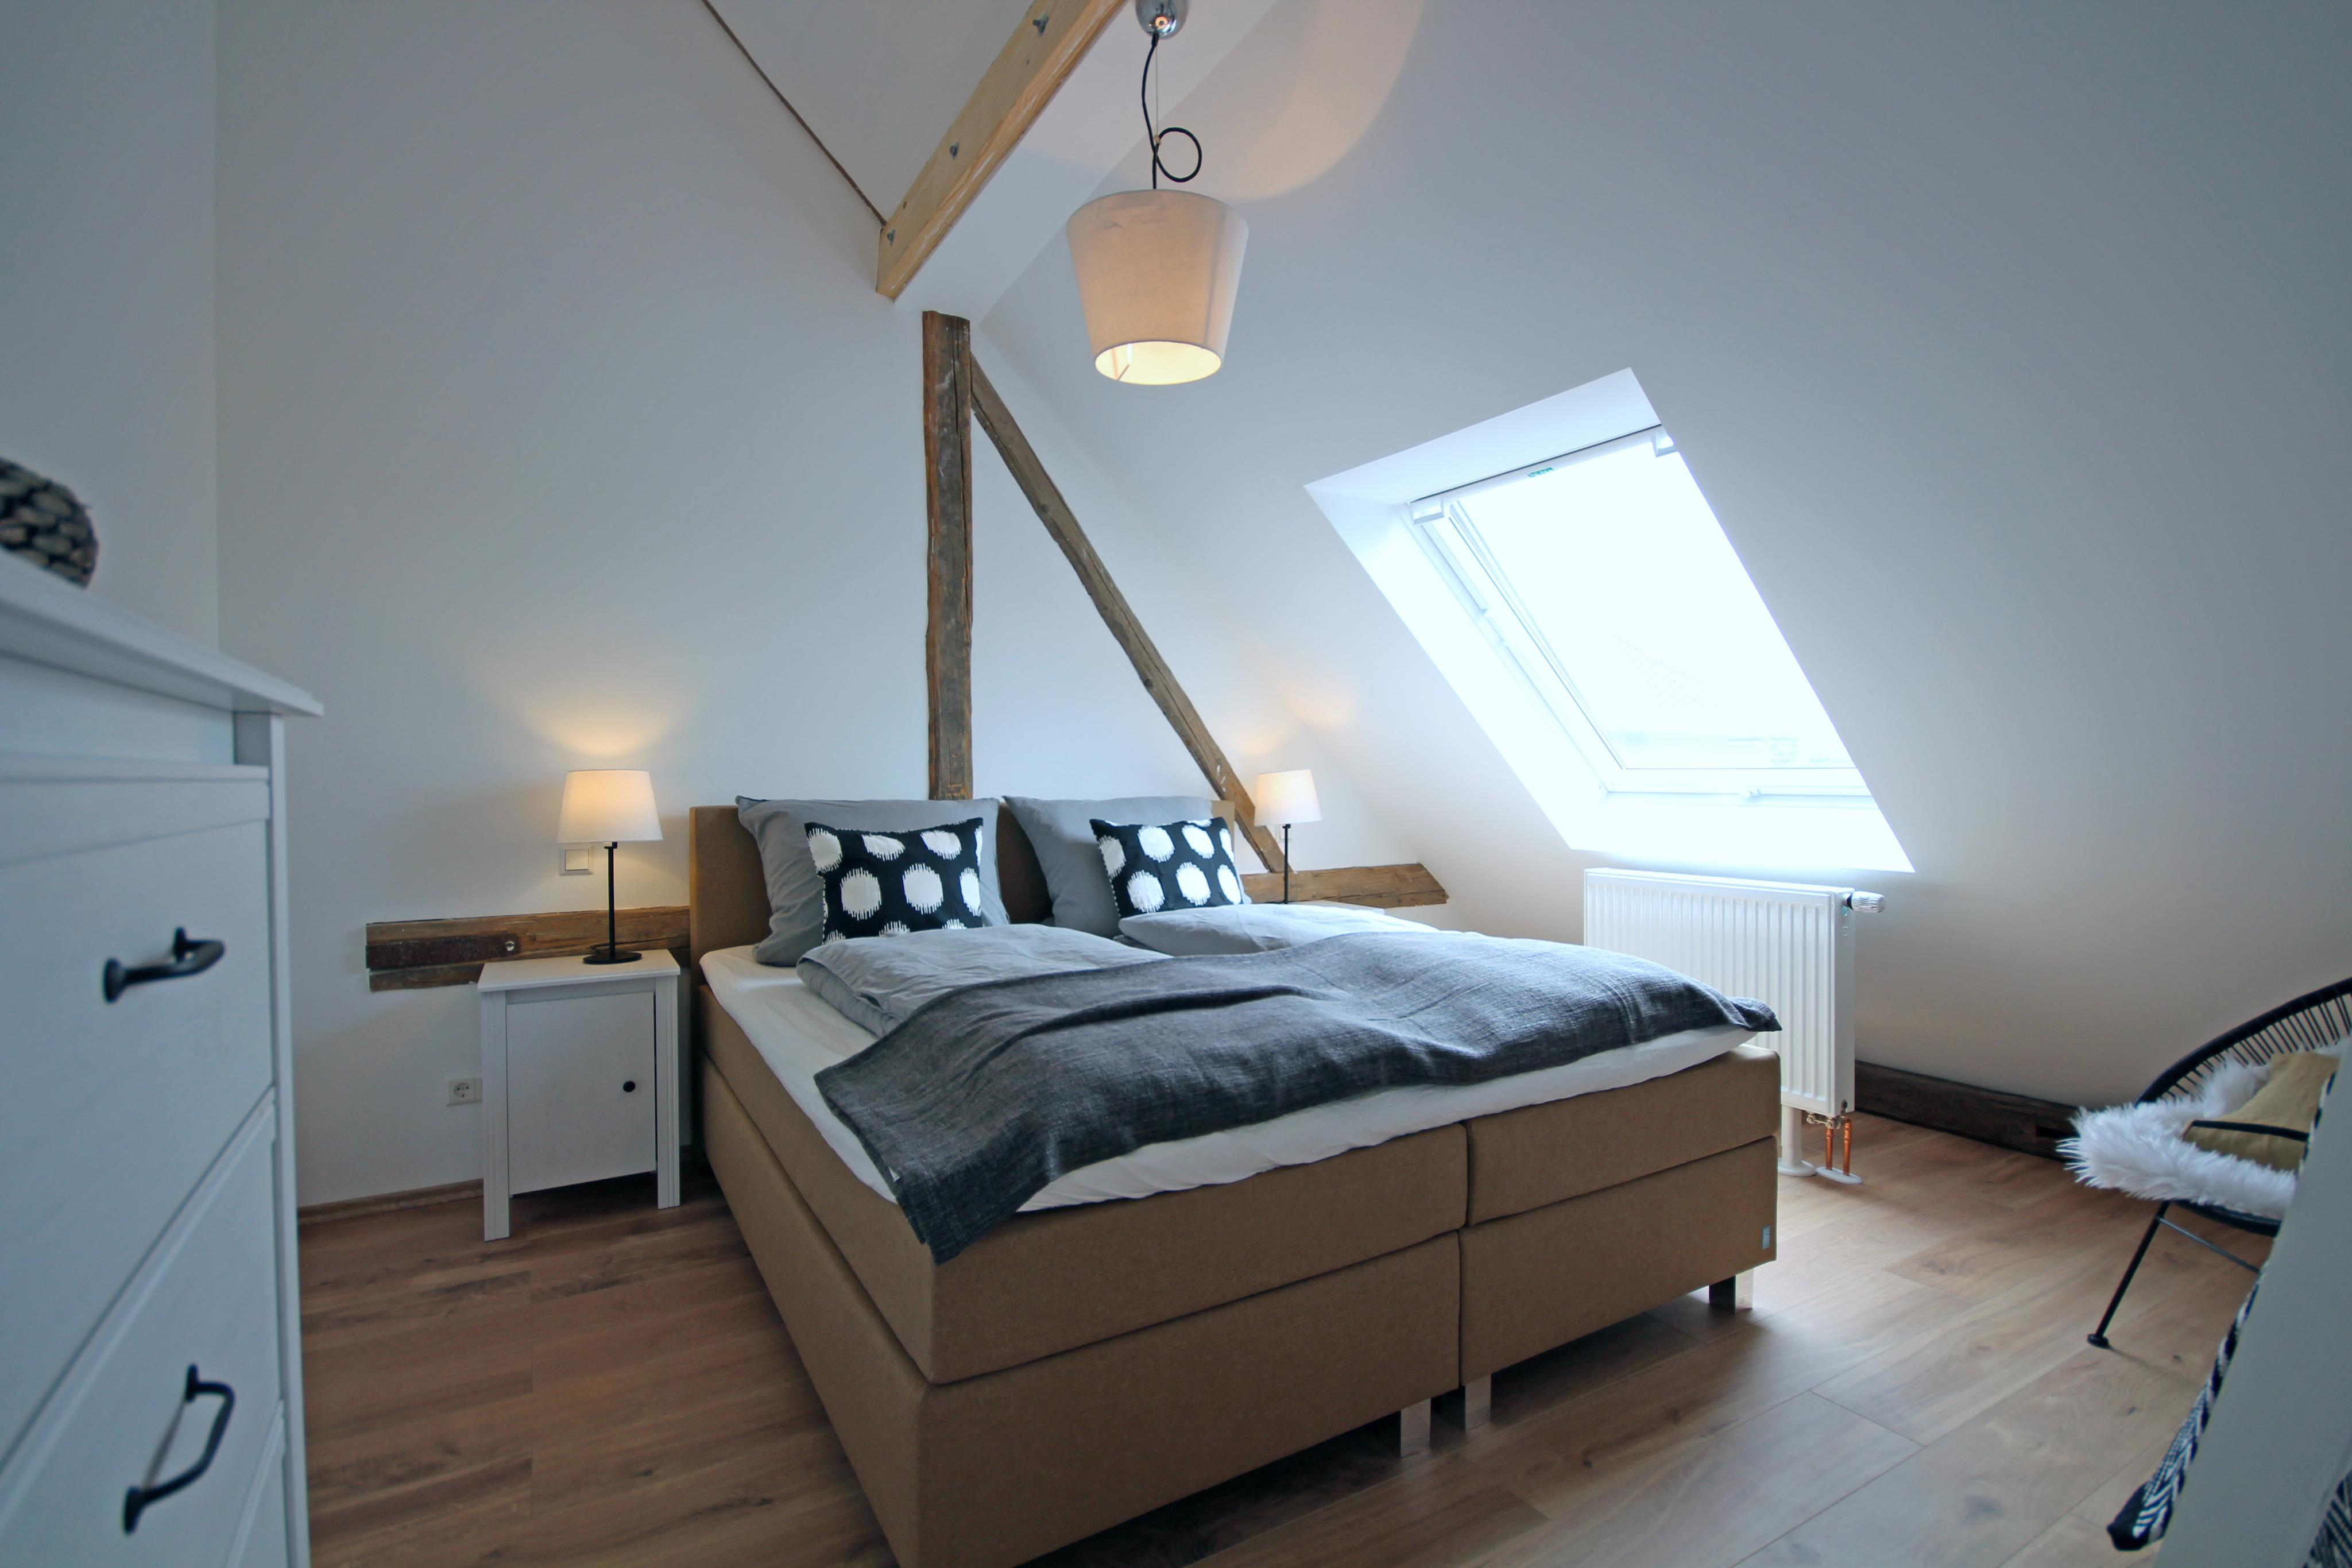 Schlafzimmer ideen mit dachschräge  Dachschräge • Bilder & Ideen • COUCHstyle